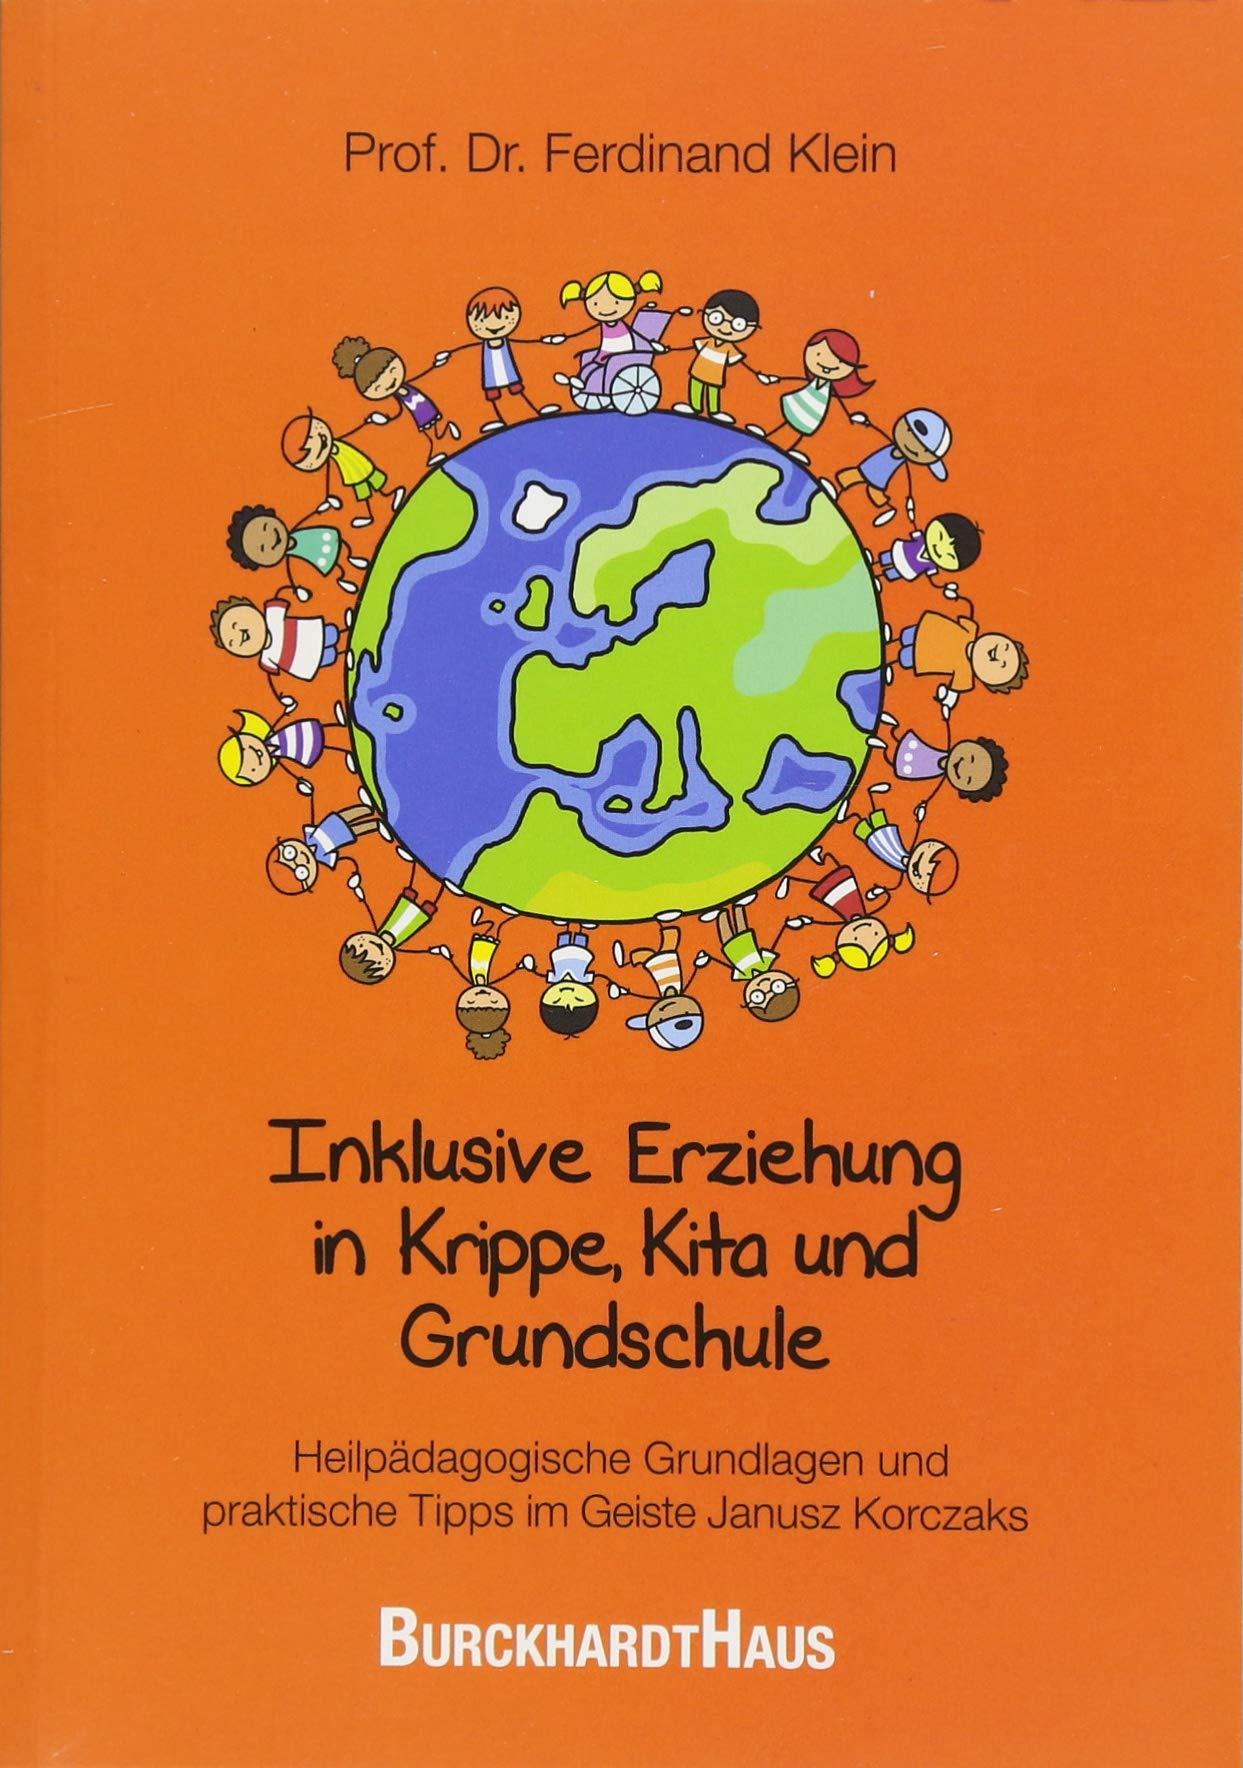 Inklusive Erziehung in der Krippe, Kita und Grundschule: Heilpädagogische Grundlagen und praktische Tipps im Geiste Janusz Korczaks